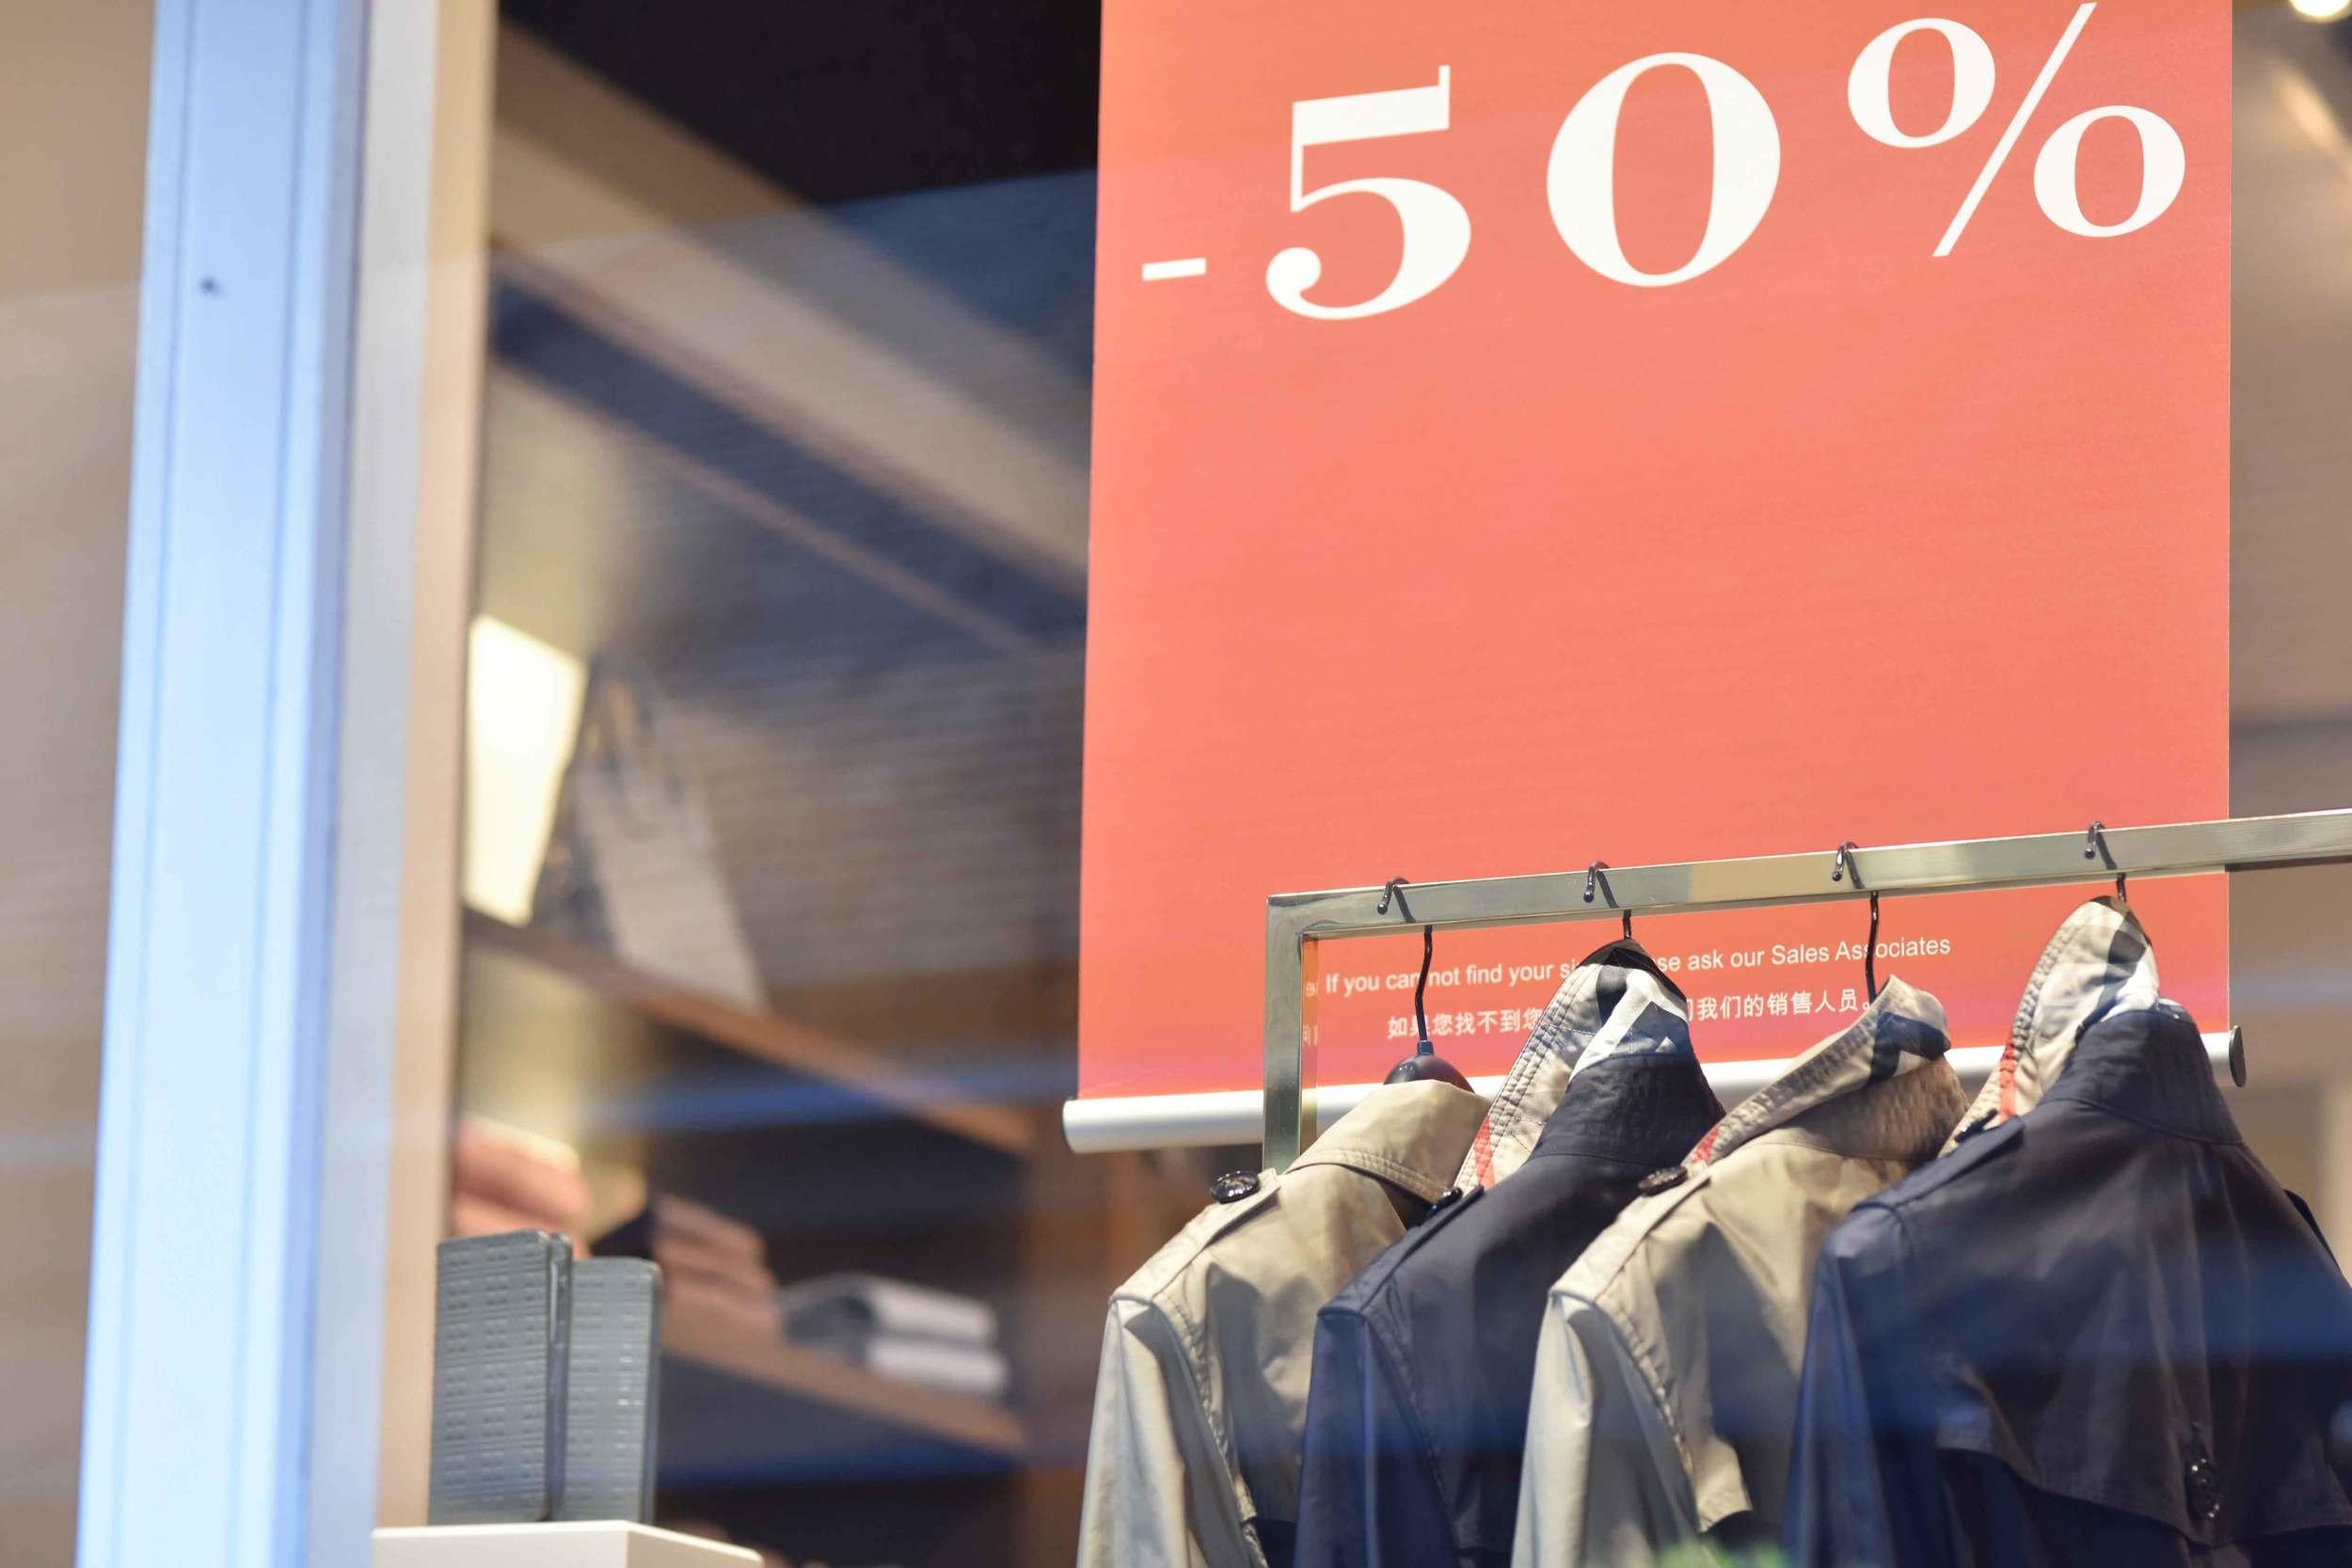 Burberry, Bicester village, designer shopping outlet near London, UK. Image©sourcingstyle.com